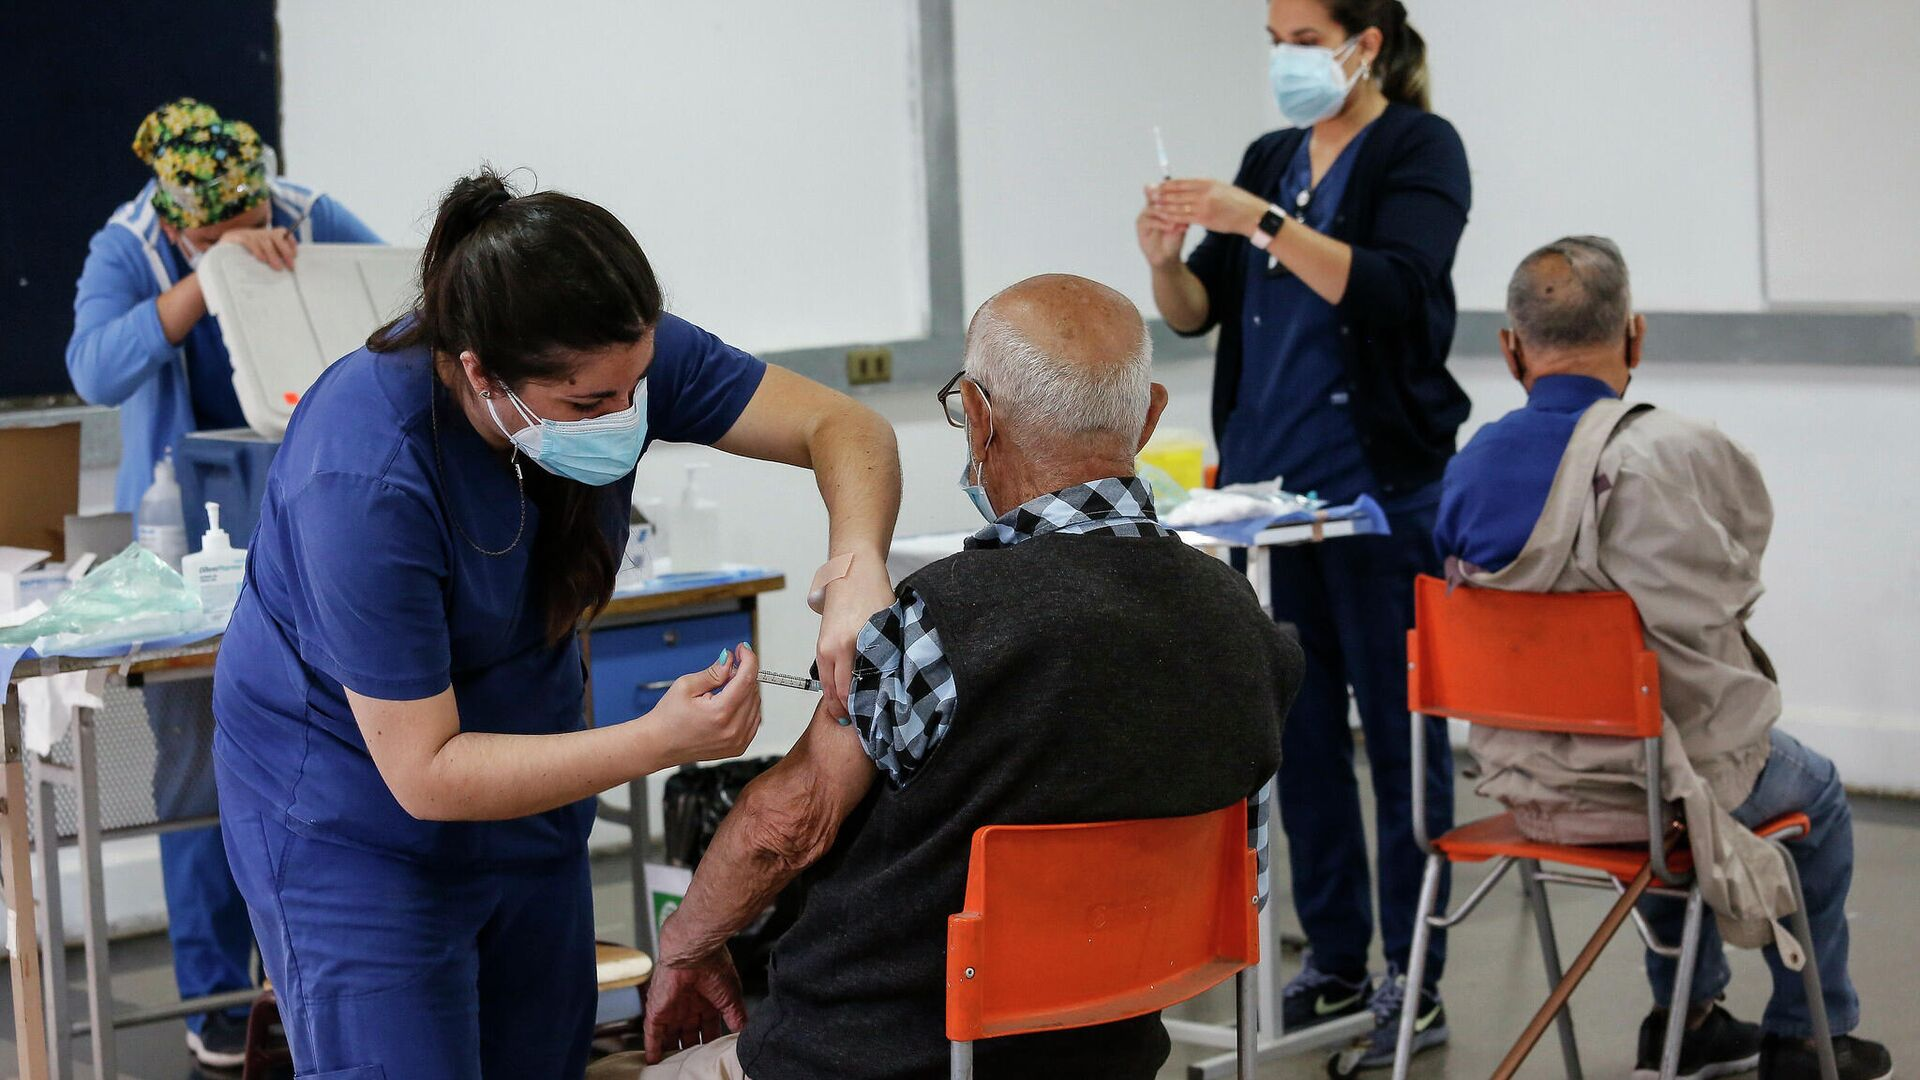 Proceso de vacunación a mayores de  90 años en Chile - Sputnik Mundo, 1920, 16.03.2021